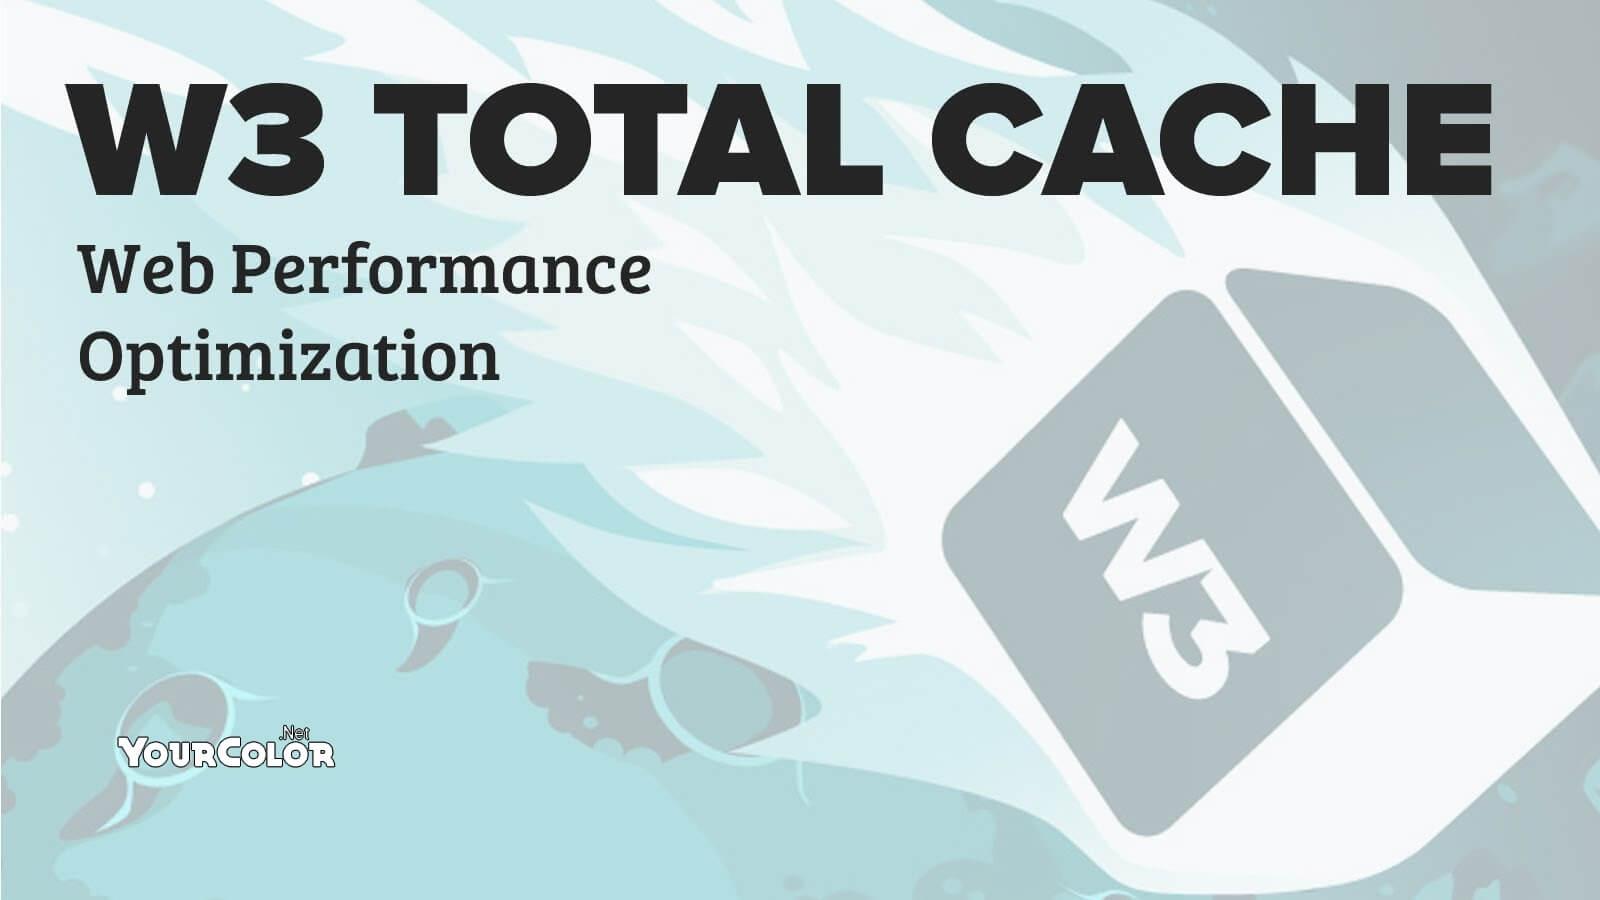 شرح تفصيلي لطريقة عمل وضبط إعدادات إضافة W3 Total Cache